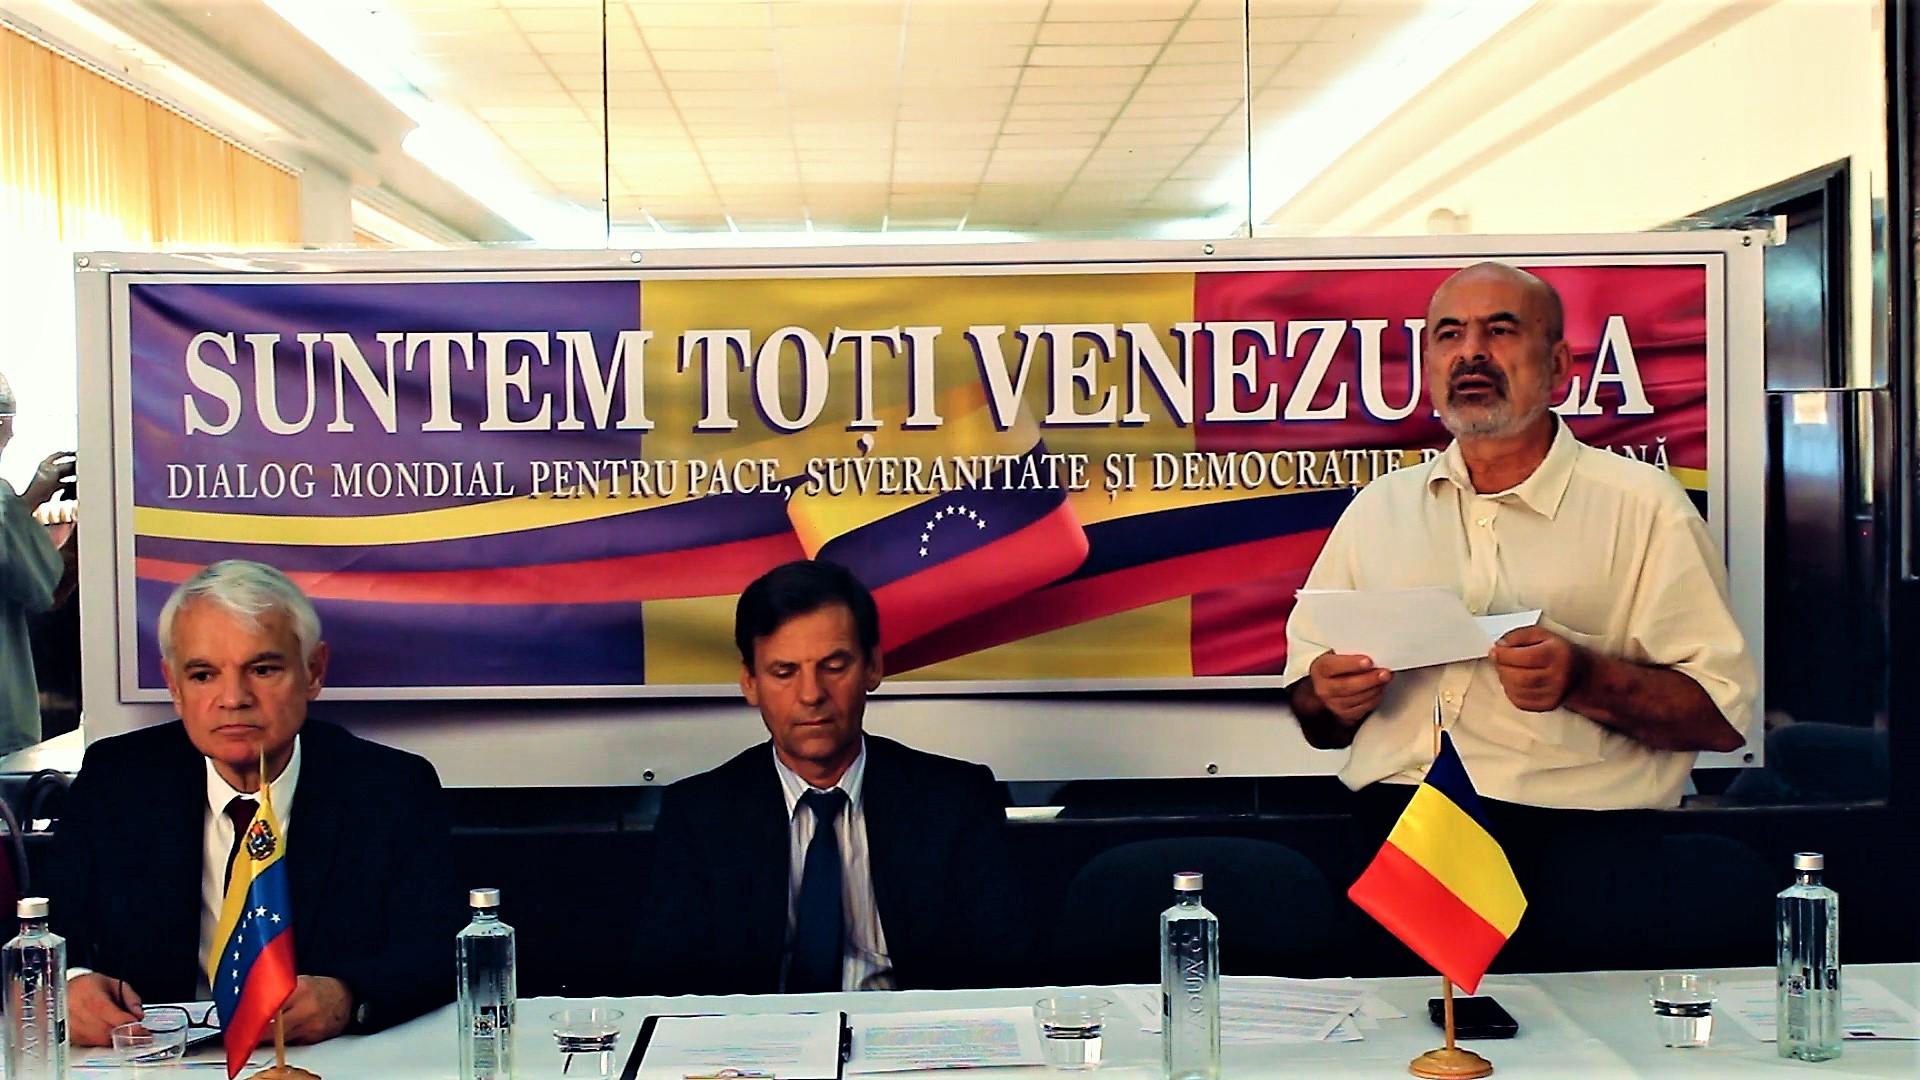 De la stânga la dreapta: Victor Carazo (ambasadorul Venezuelei în România), Petre Ignatencu (președintele noului Partid Comunist Român) și Gheorghiţă Zbăganu (membru în Biroul Executiv al Partidului Socialist Român)